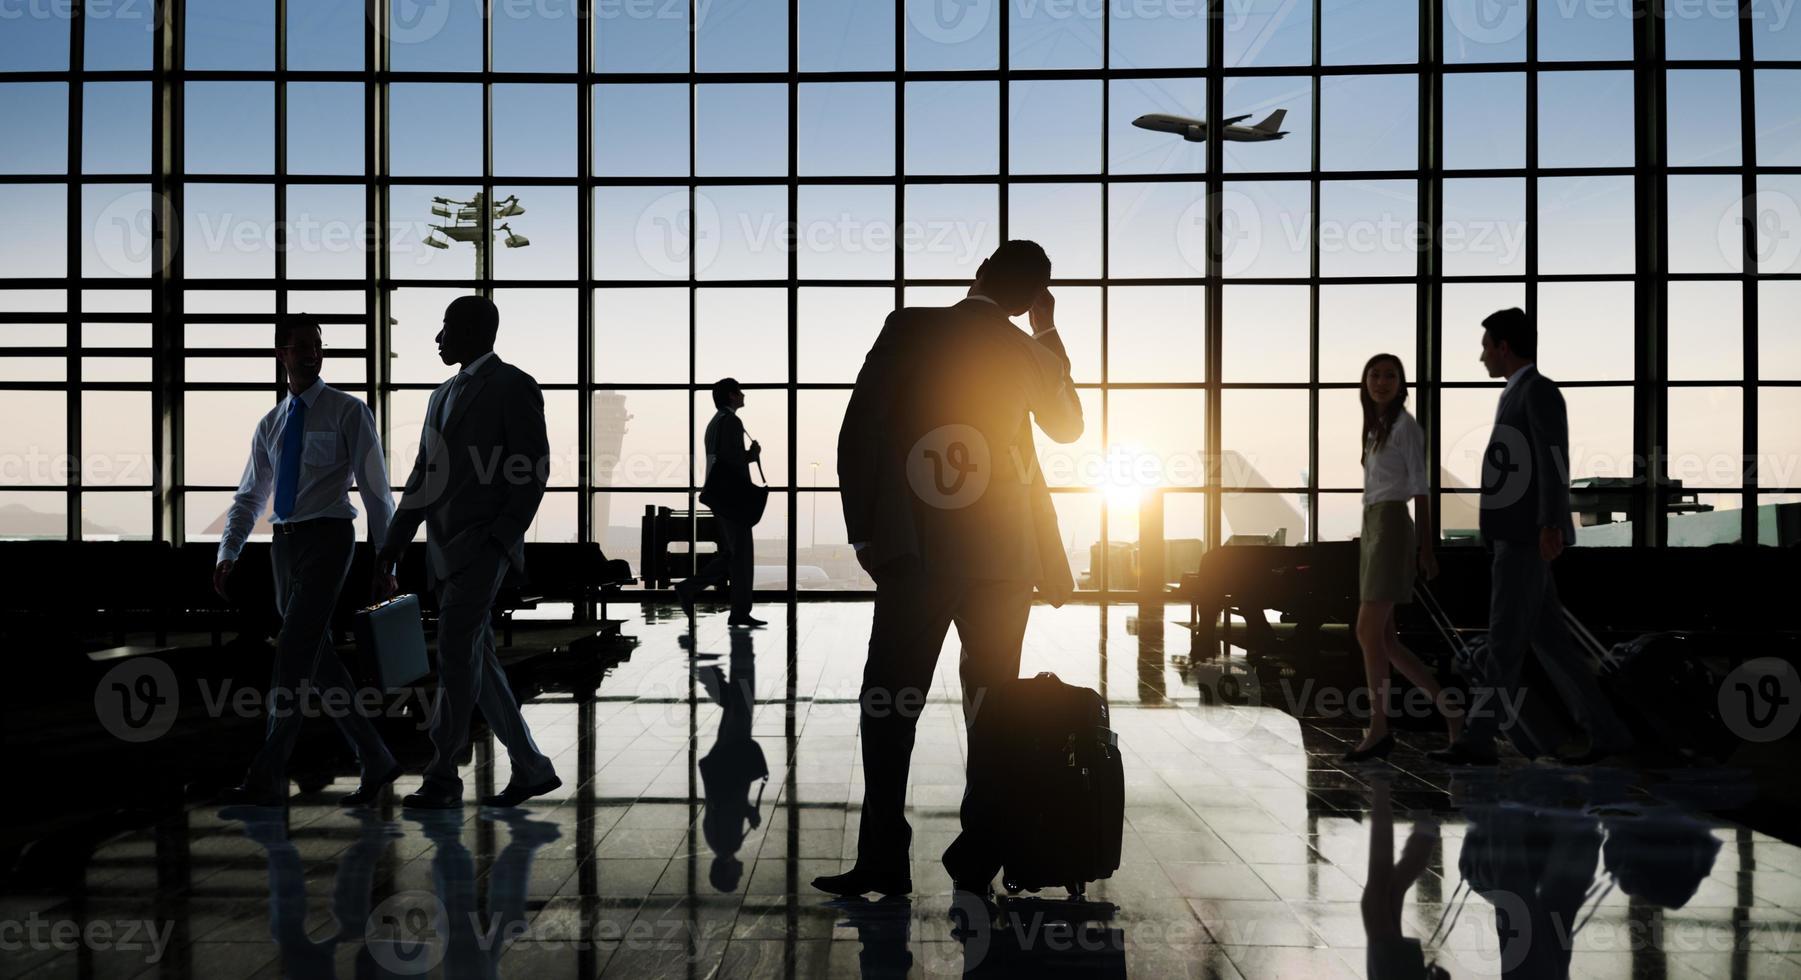 groupe, gens, aéroport, affaires, voyage, communication, concept photo